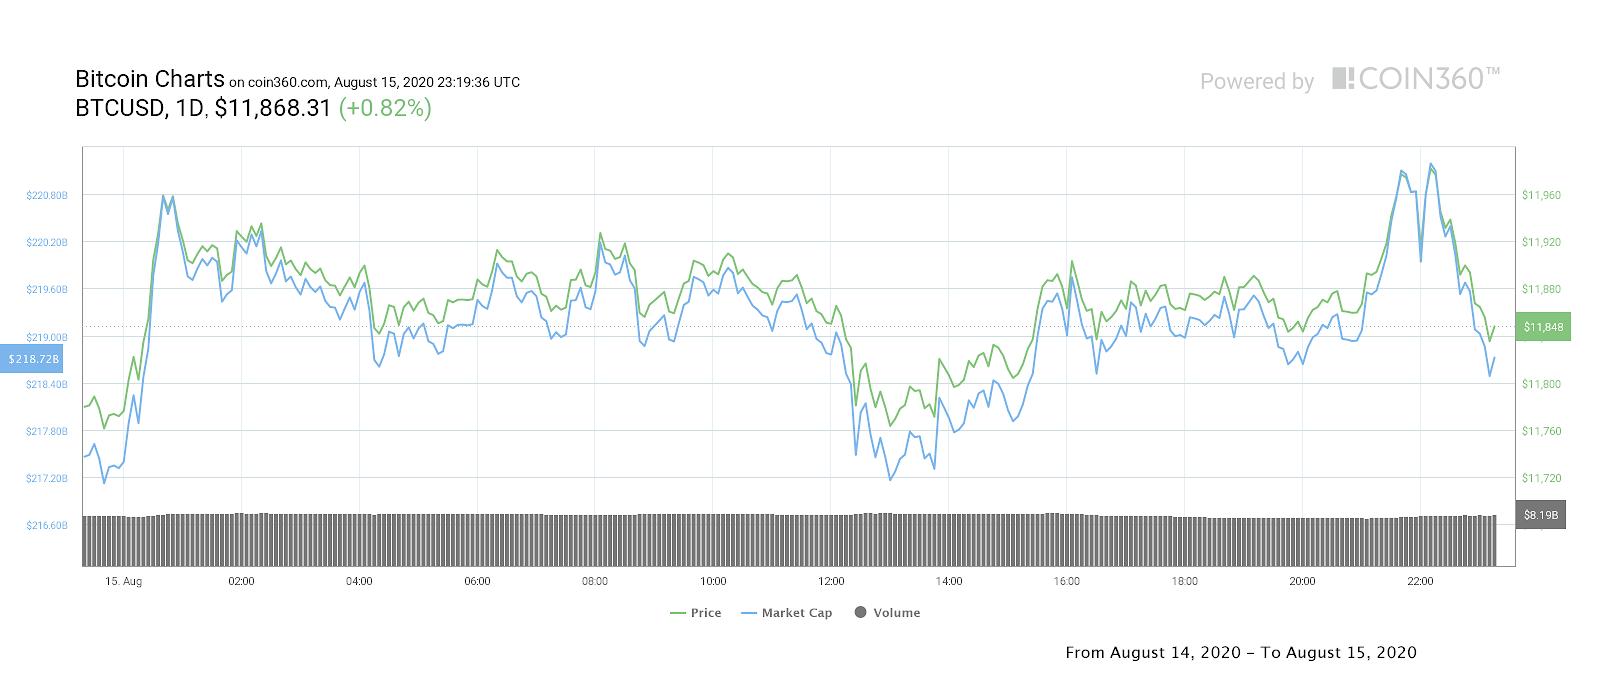 比特币价格本周能突破1.2万美元吗?